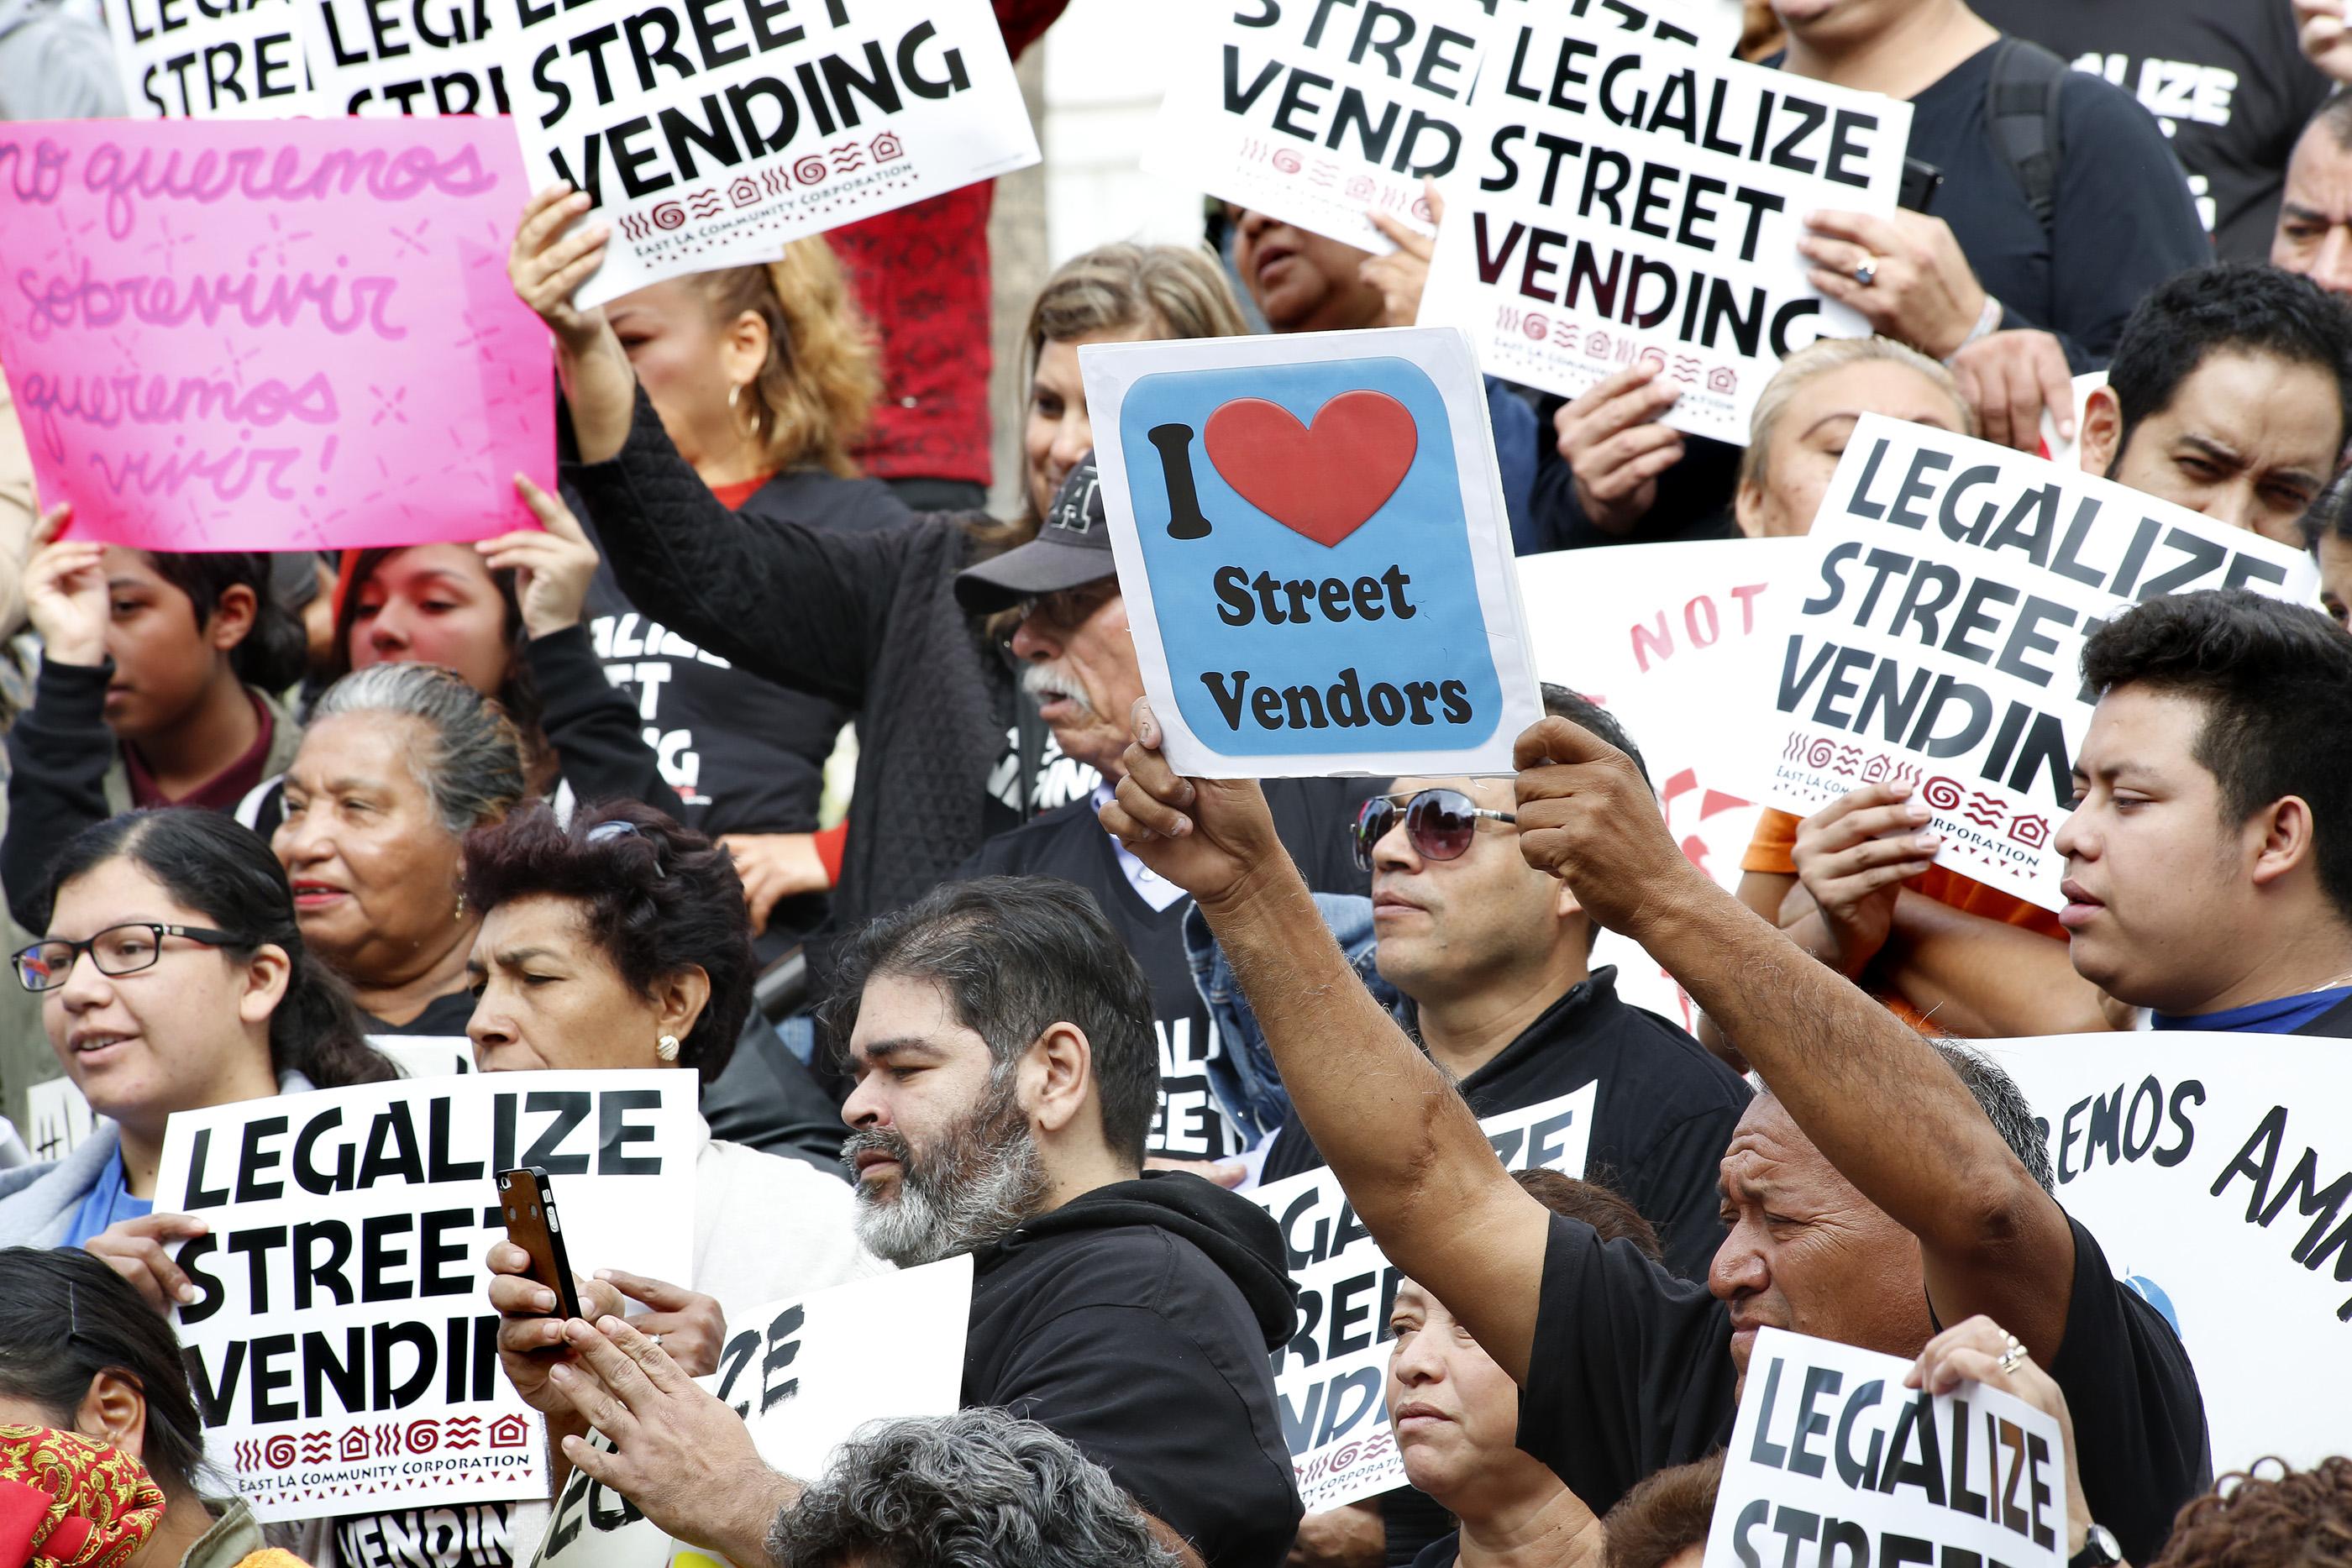 La medida legalizaría y regularía la venta callejera, y podría incluir una amnistía por delitos relacionados con ella (Foto: Aurelia Ventura/La Opinión)